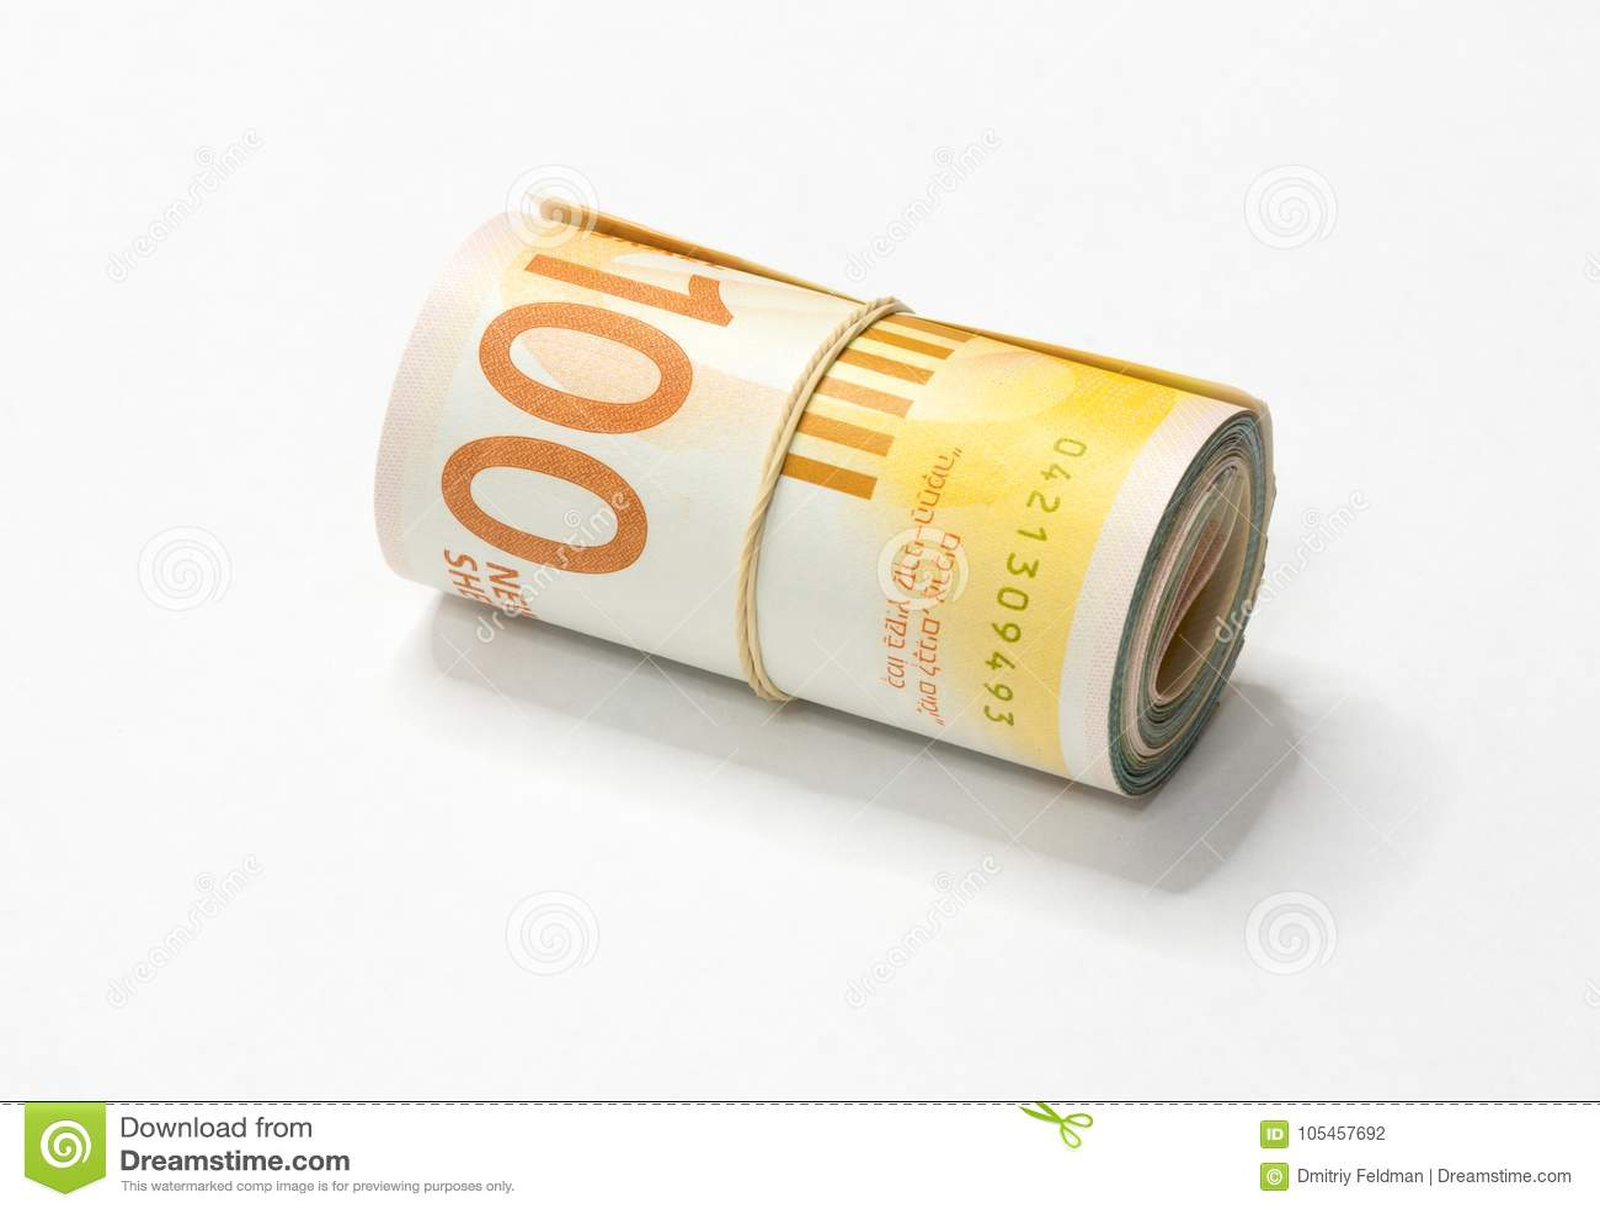 Een bos van het Israëlische Nieuwe geld van Sjekelsnos neemt van omhoog gerold en samengehouden met een eenvoudig elastiekje op e